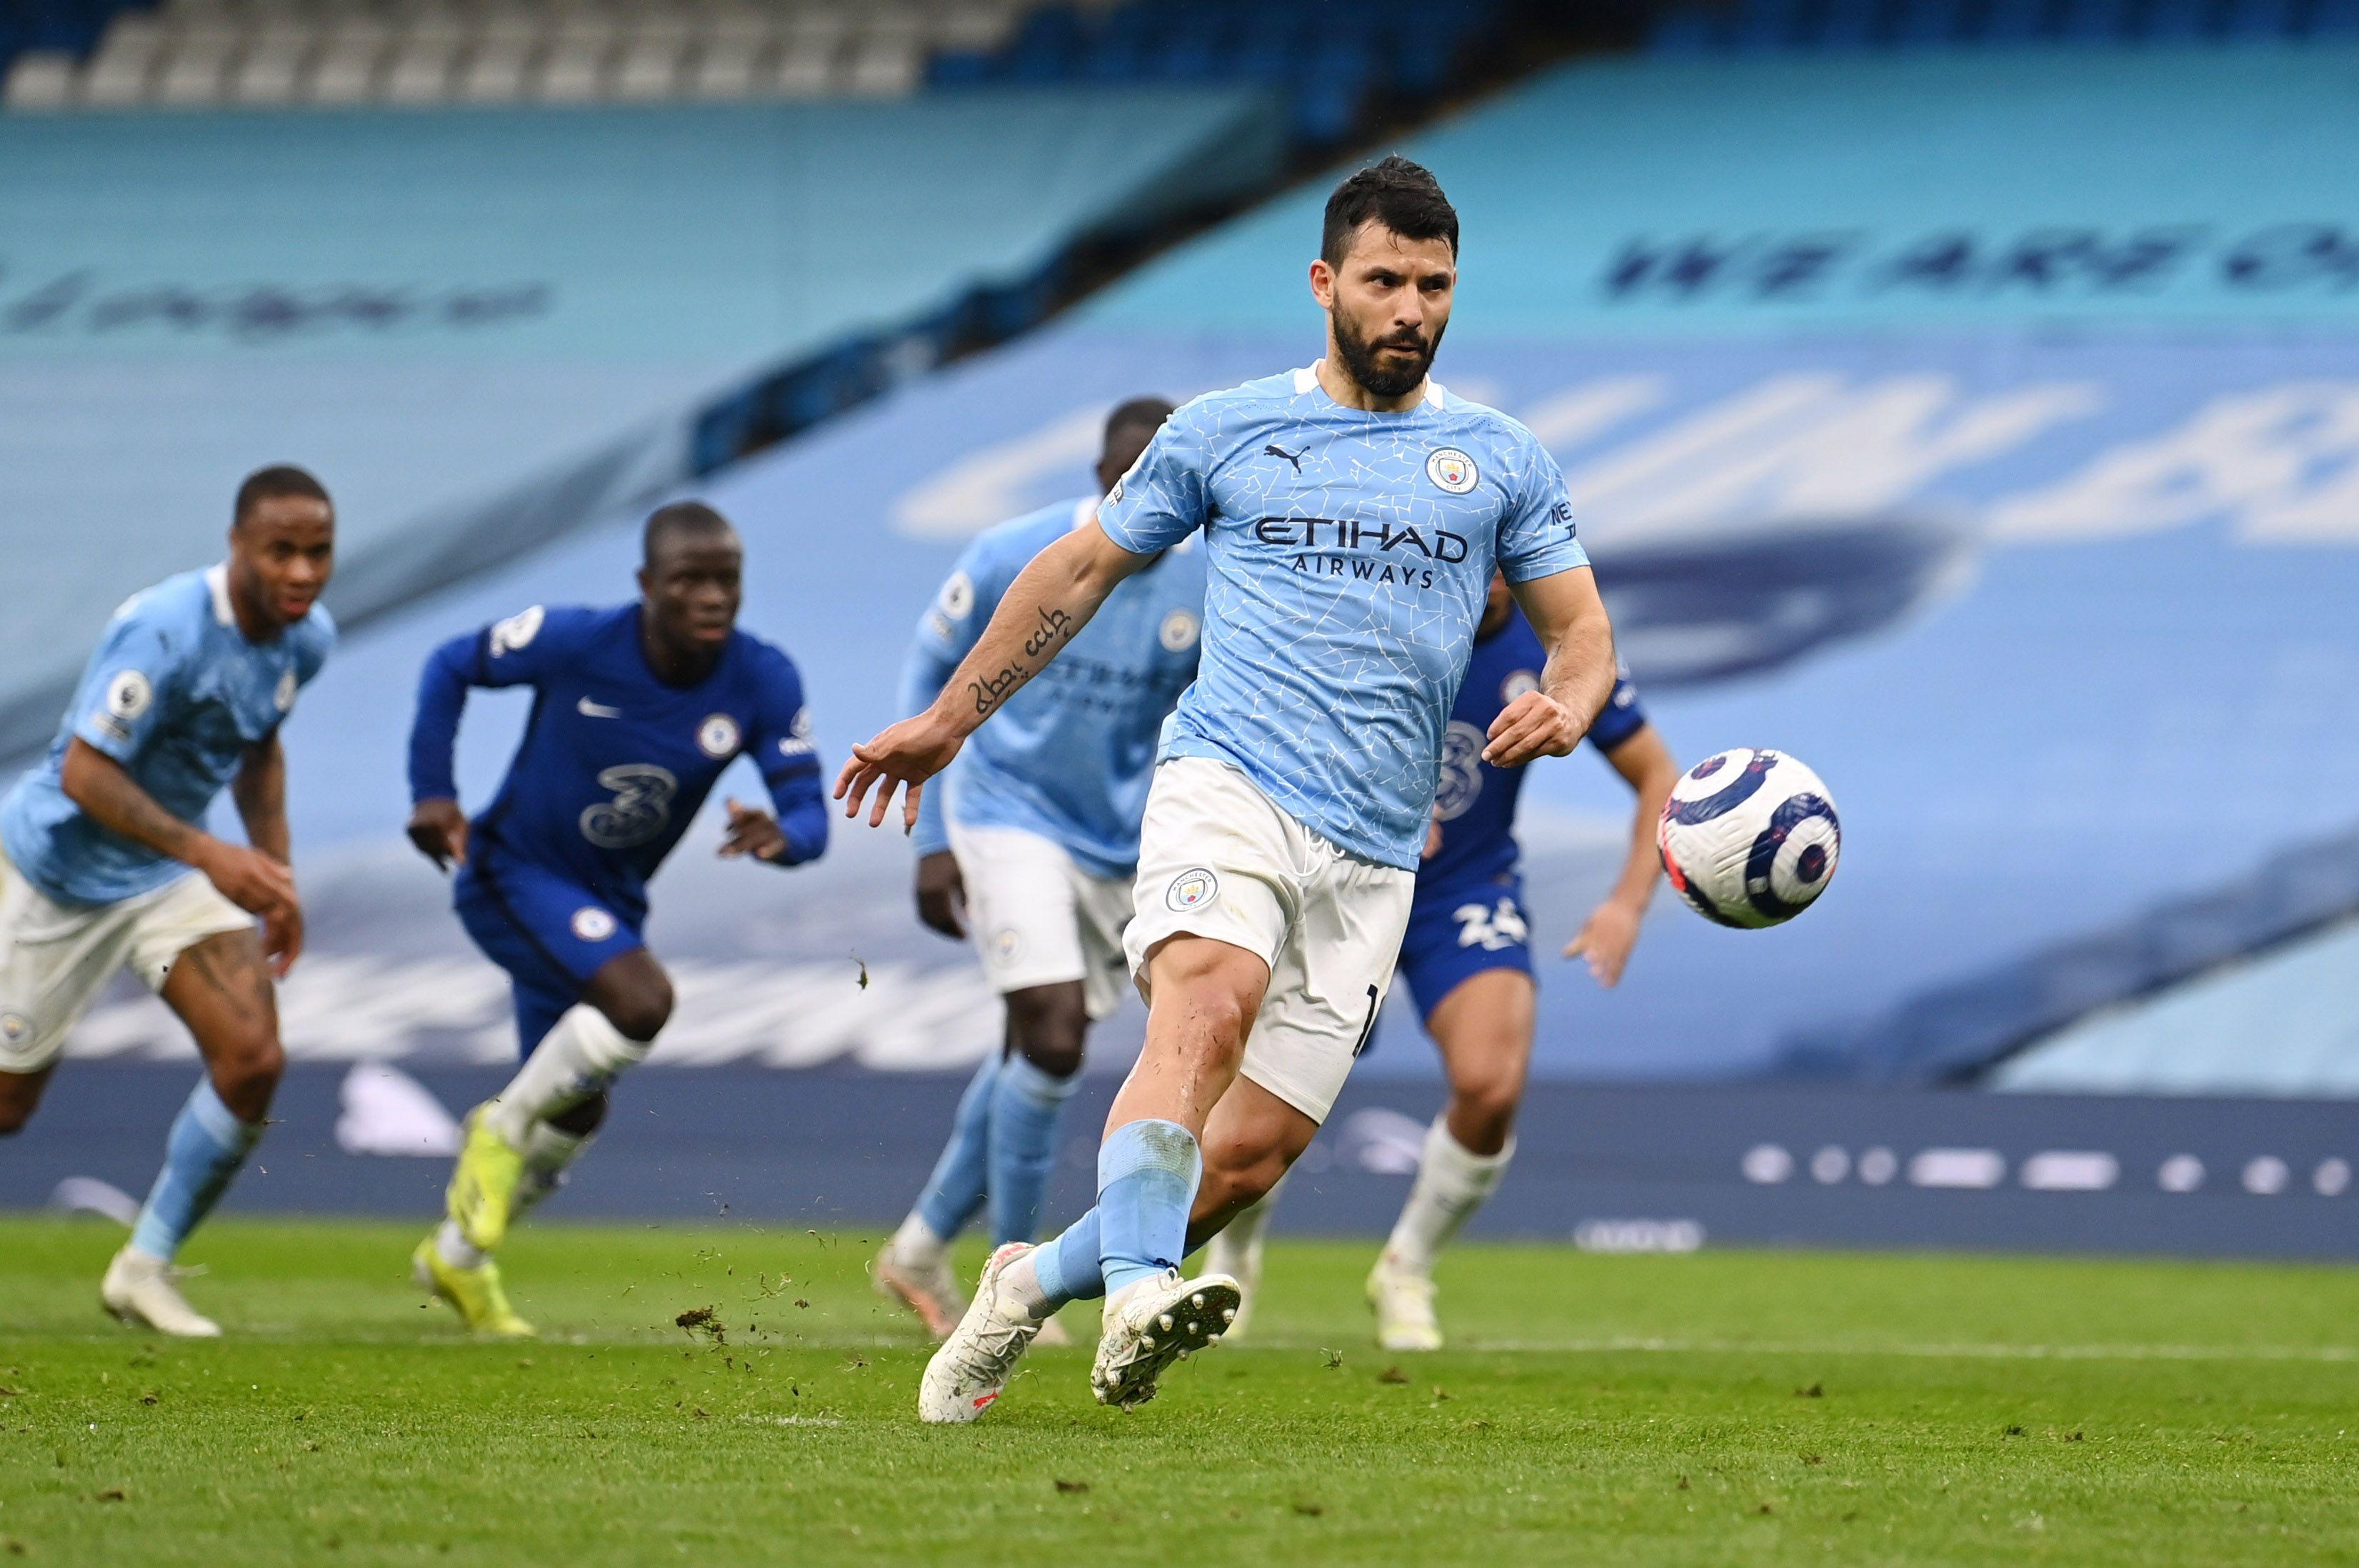 El City tuvo la chance de gritar campeón ante Chelsea el último sábado, pero perdió: festejó tras el duelo del United ante Leicester (Foto: Reuters)